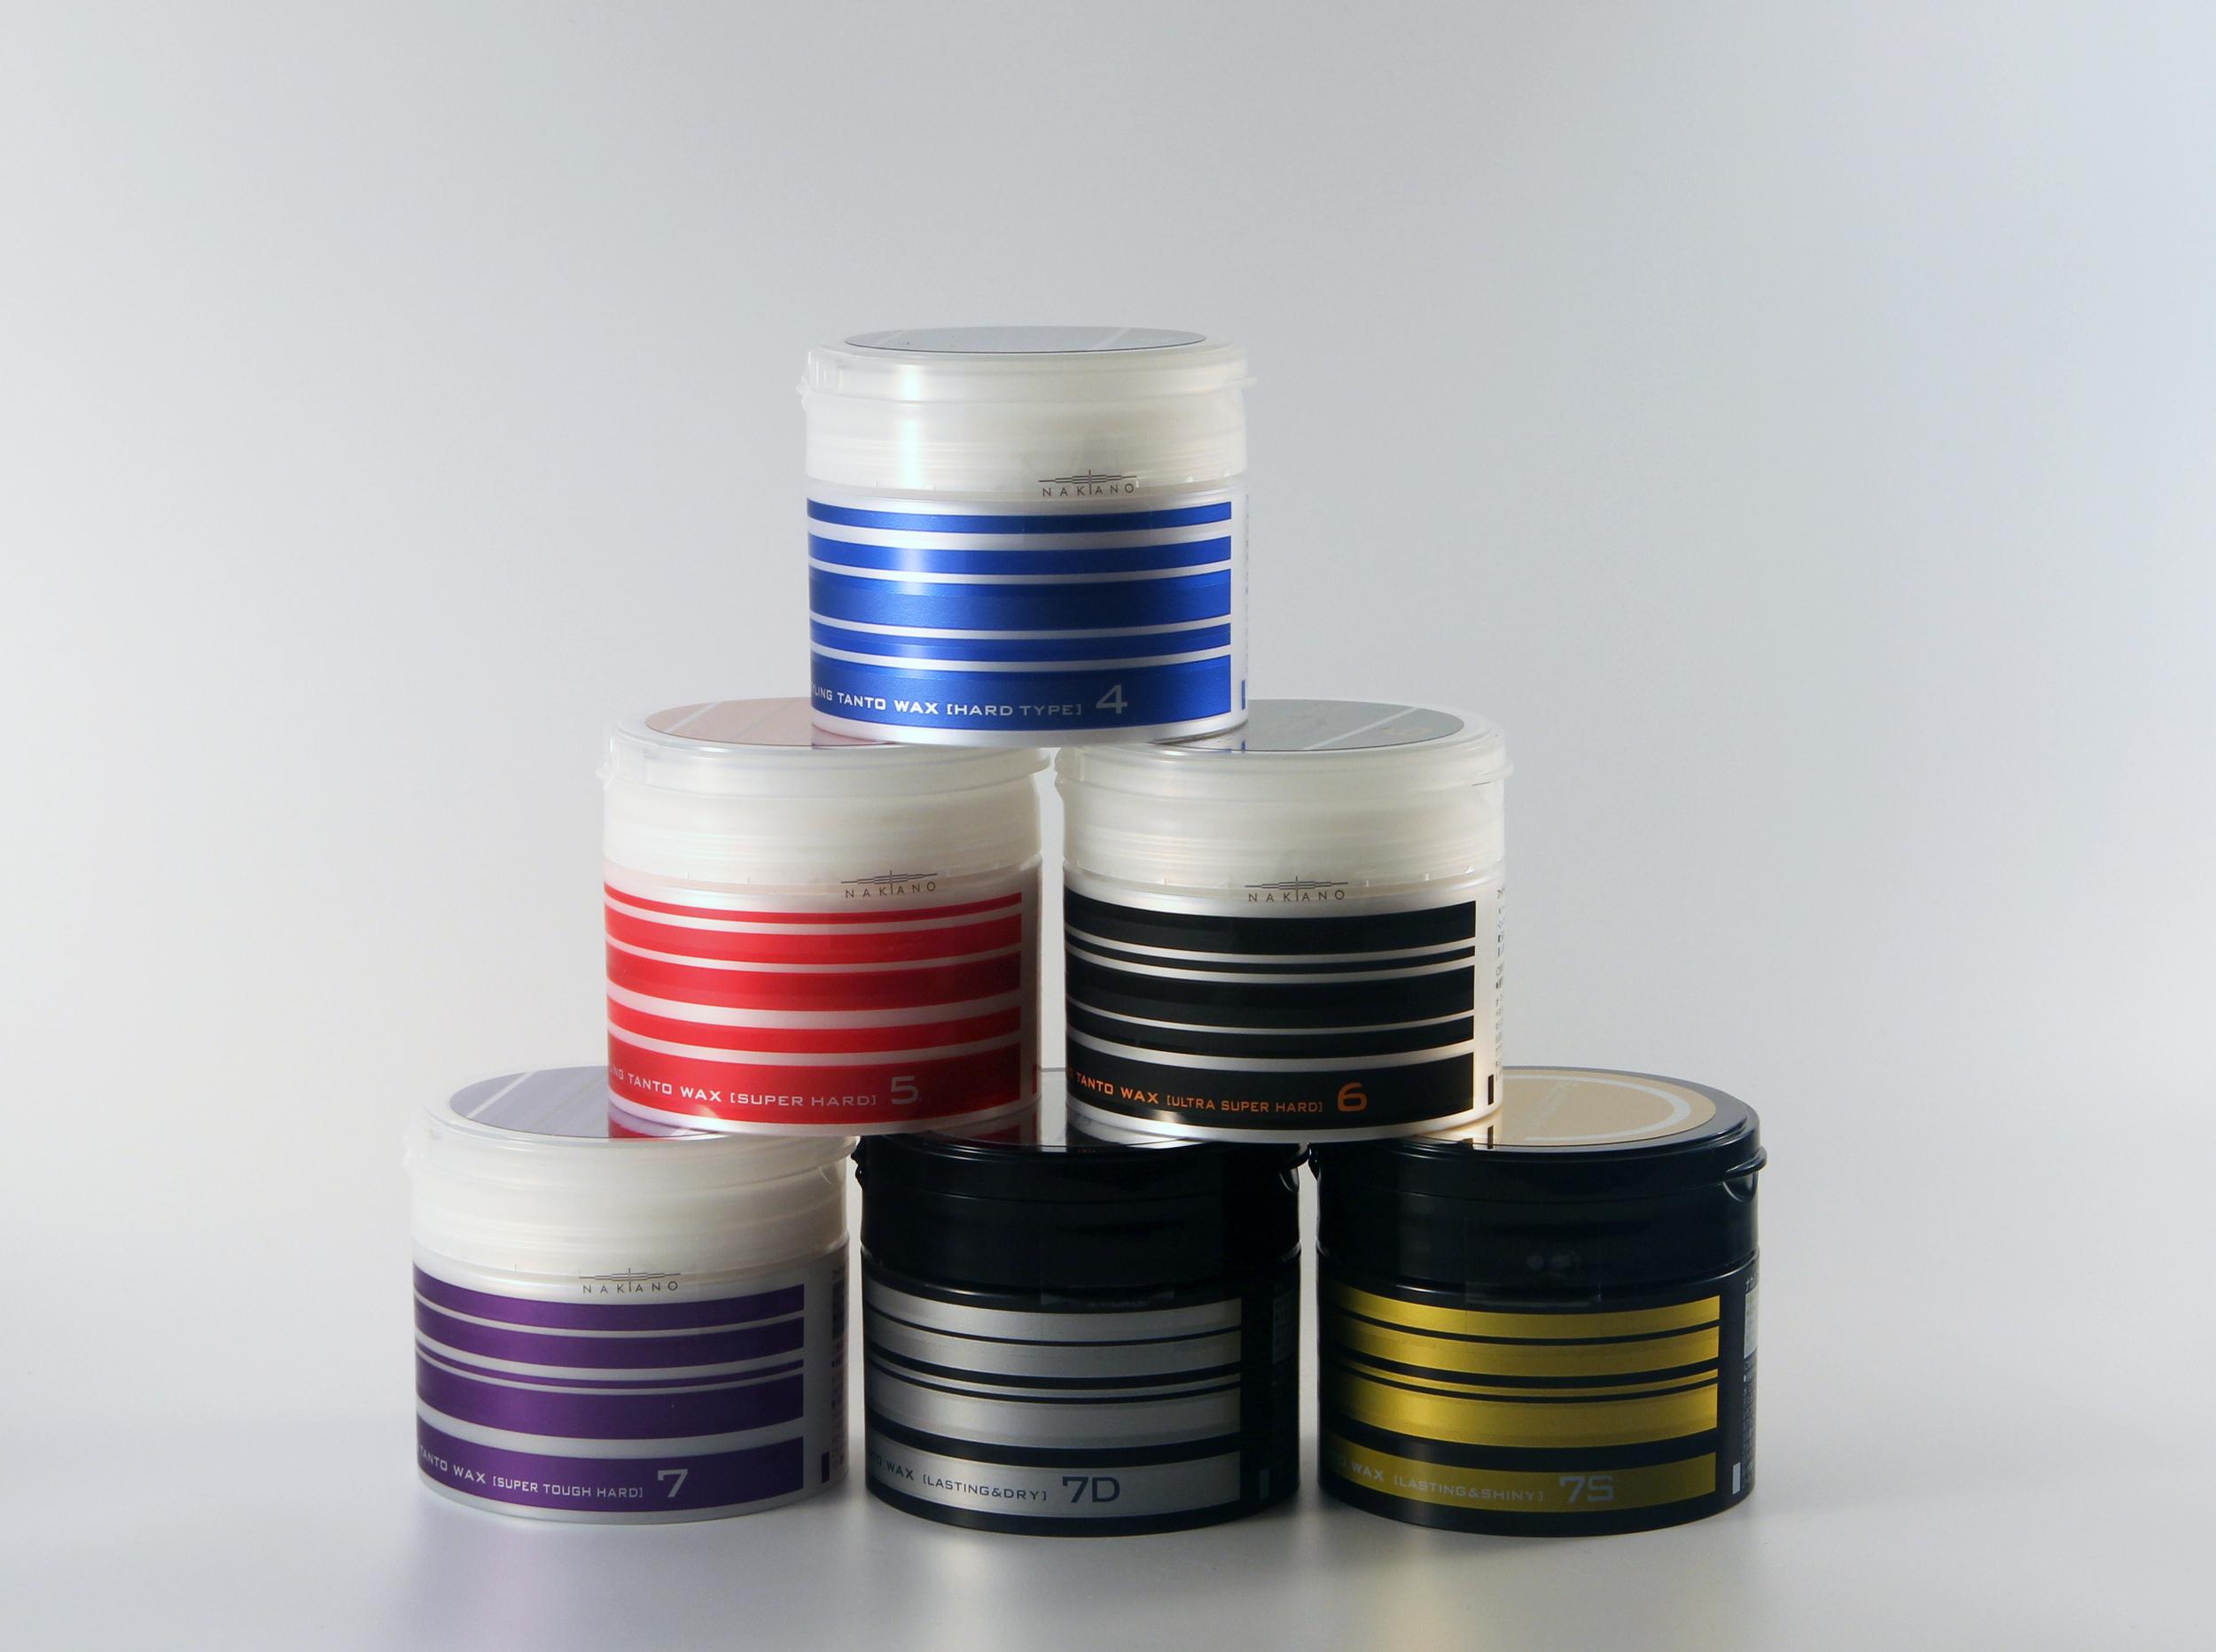 NAKANO Premium Styling Wax